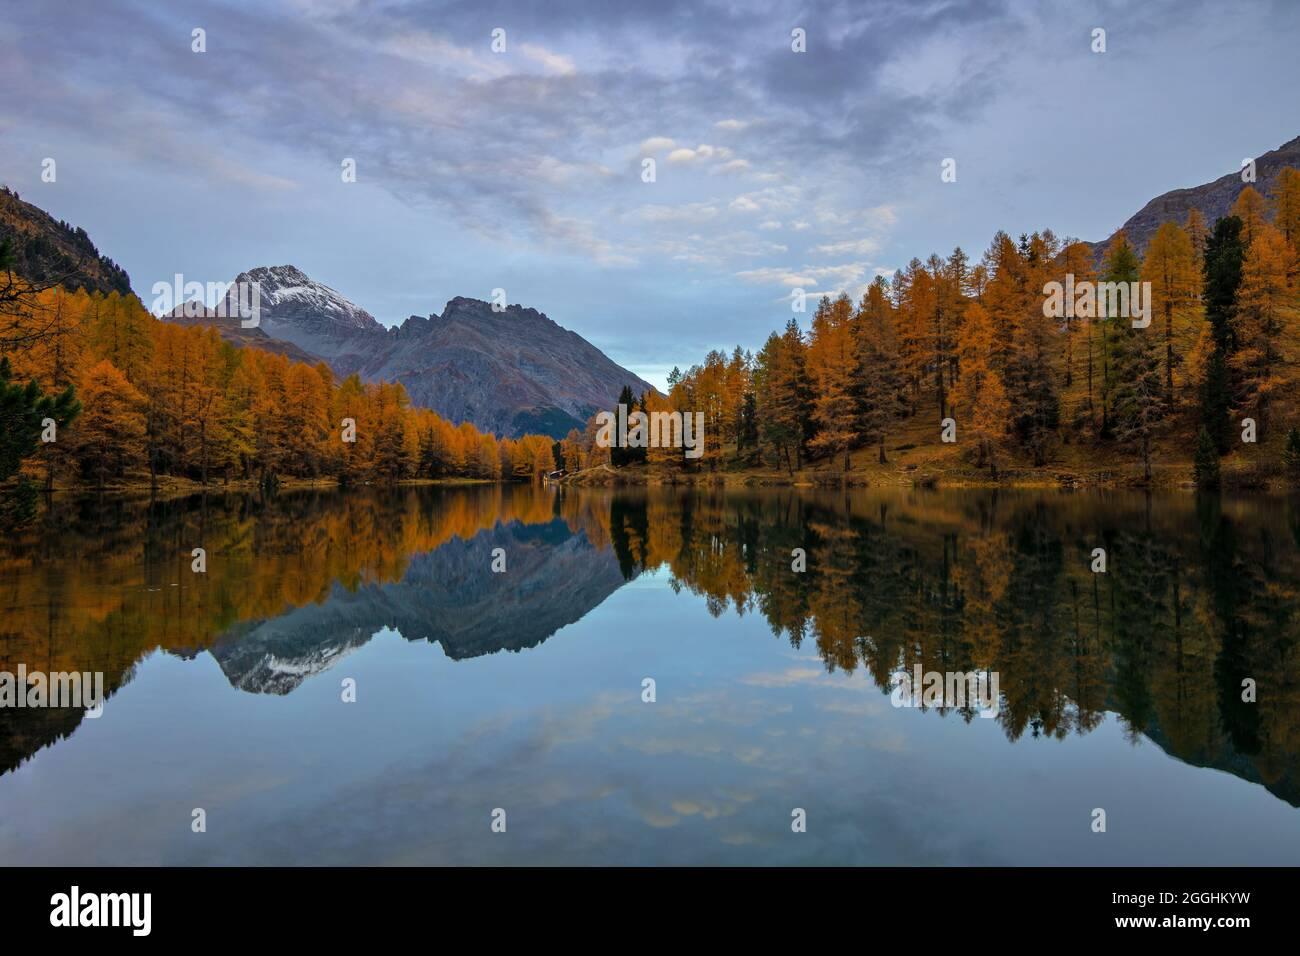 Sonnenaufgang am Palpuognasee Kanton Graubünden Schweiz Stock Photo